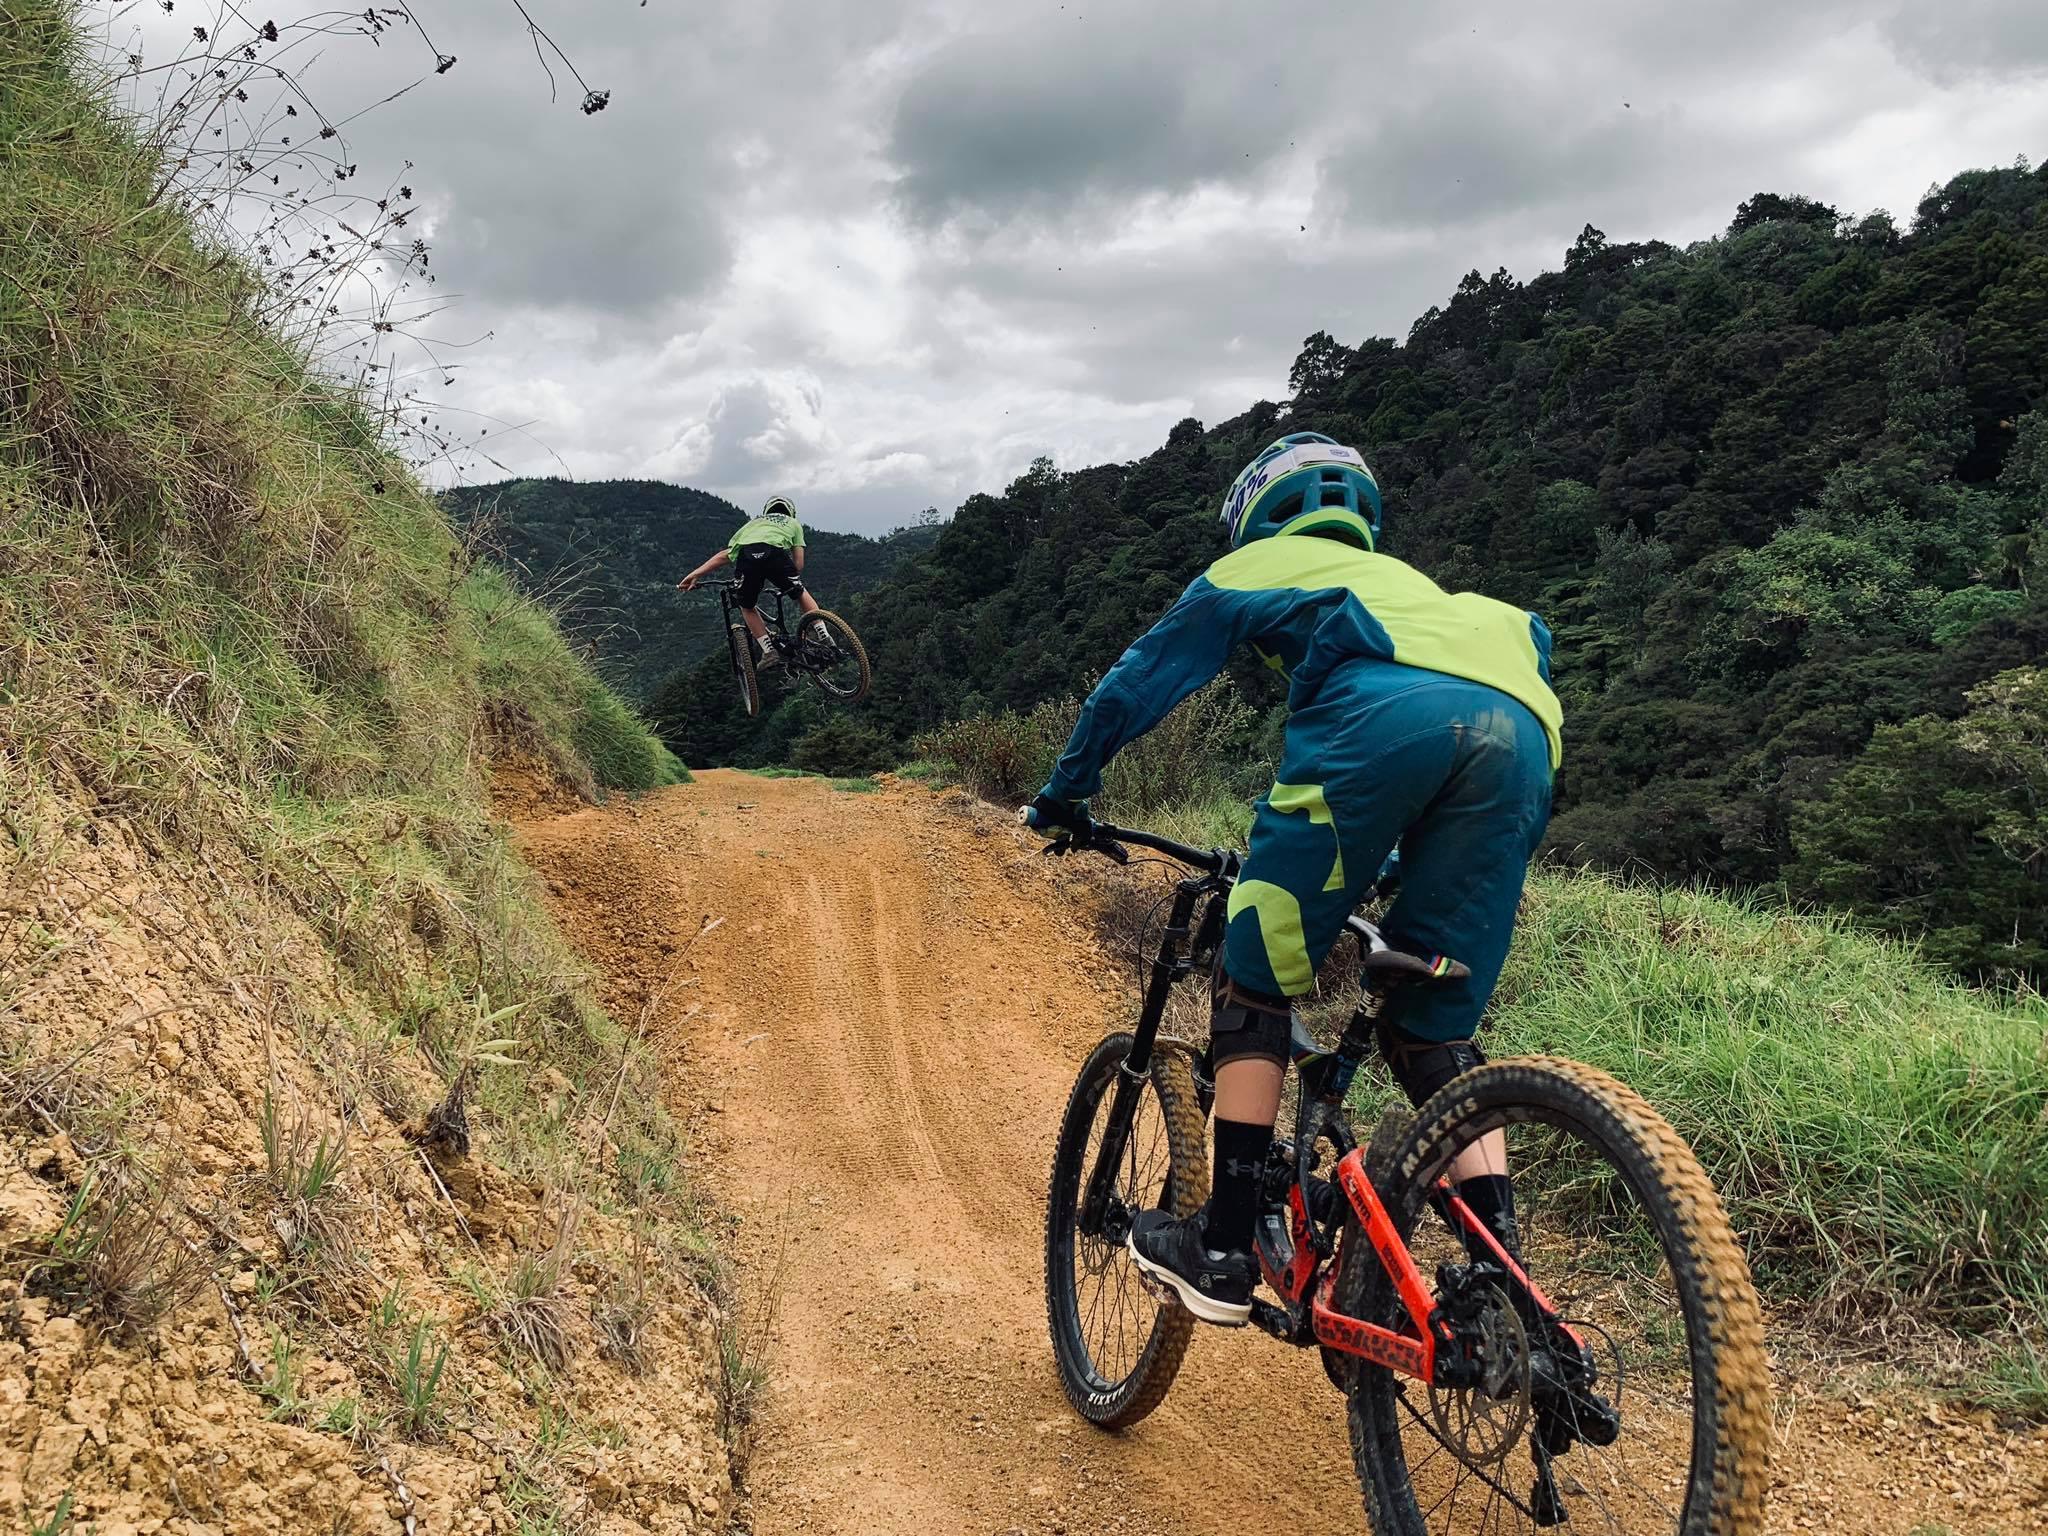 Whangarei Mountain biking